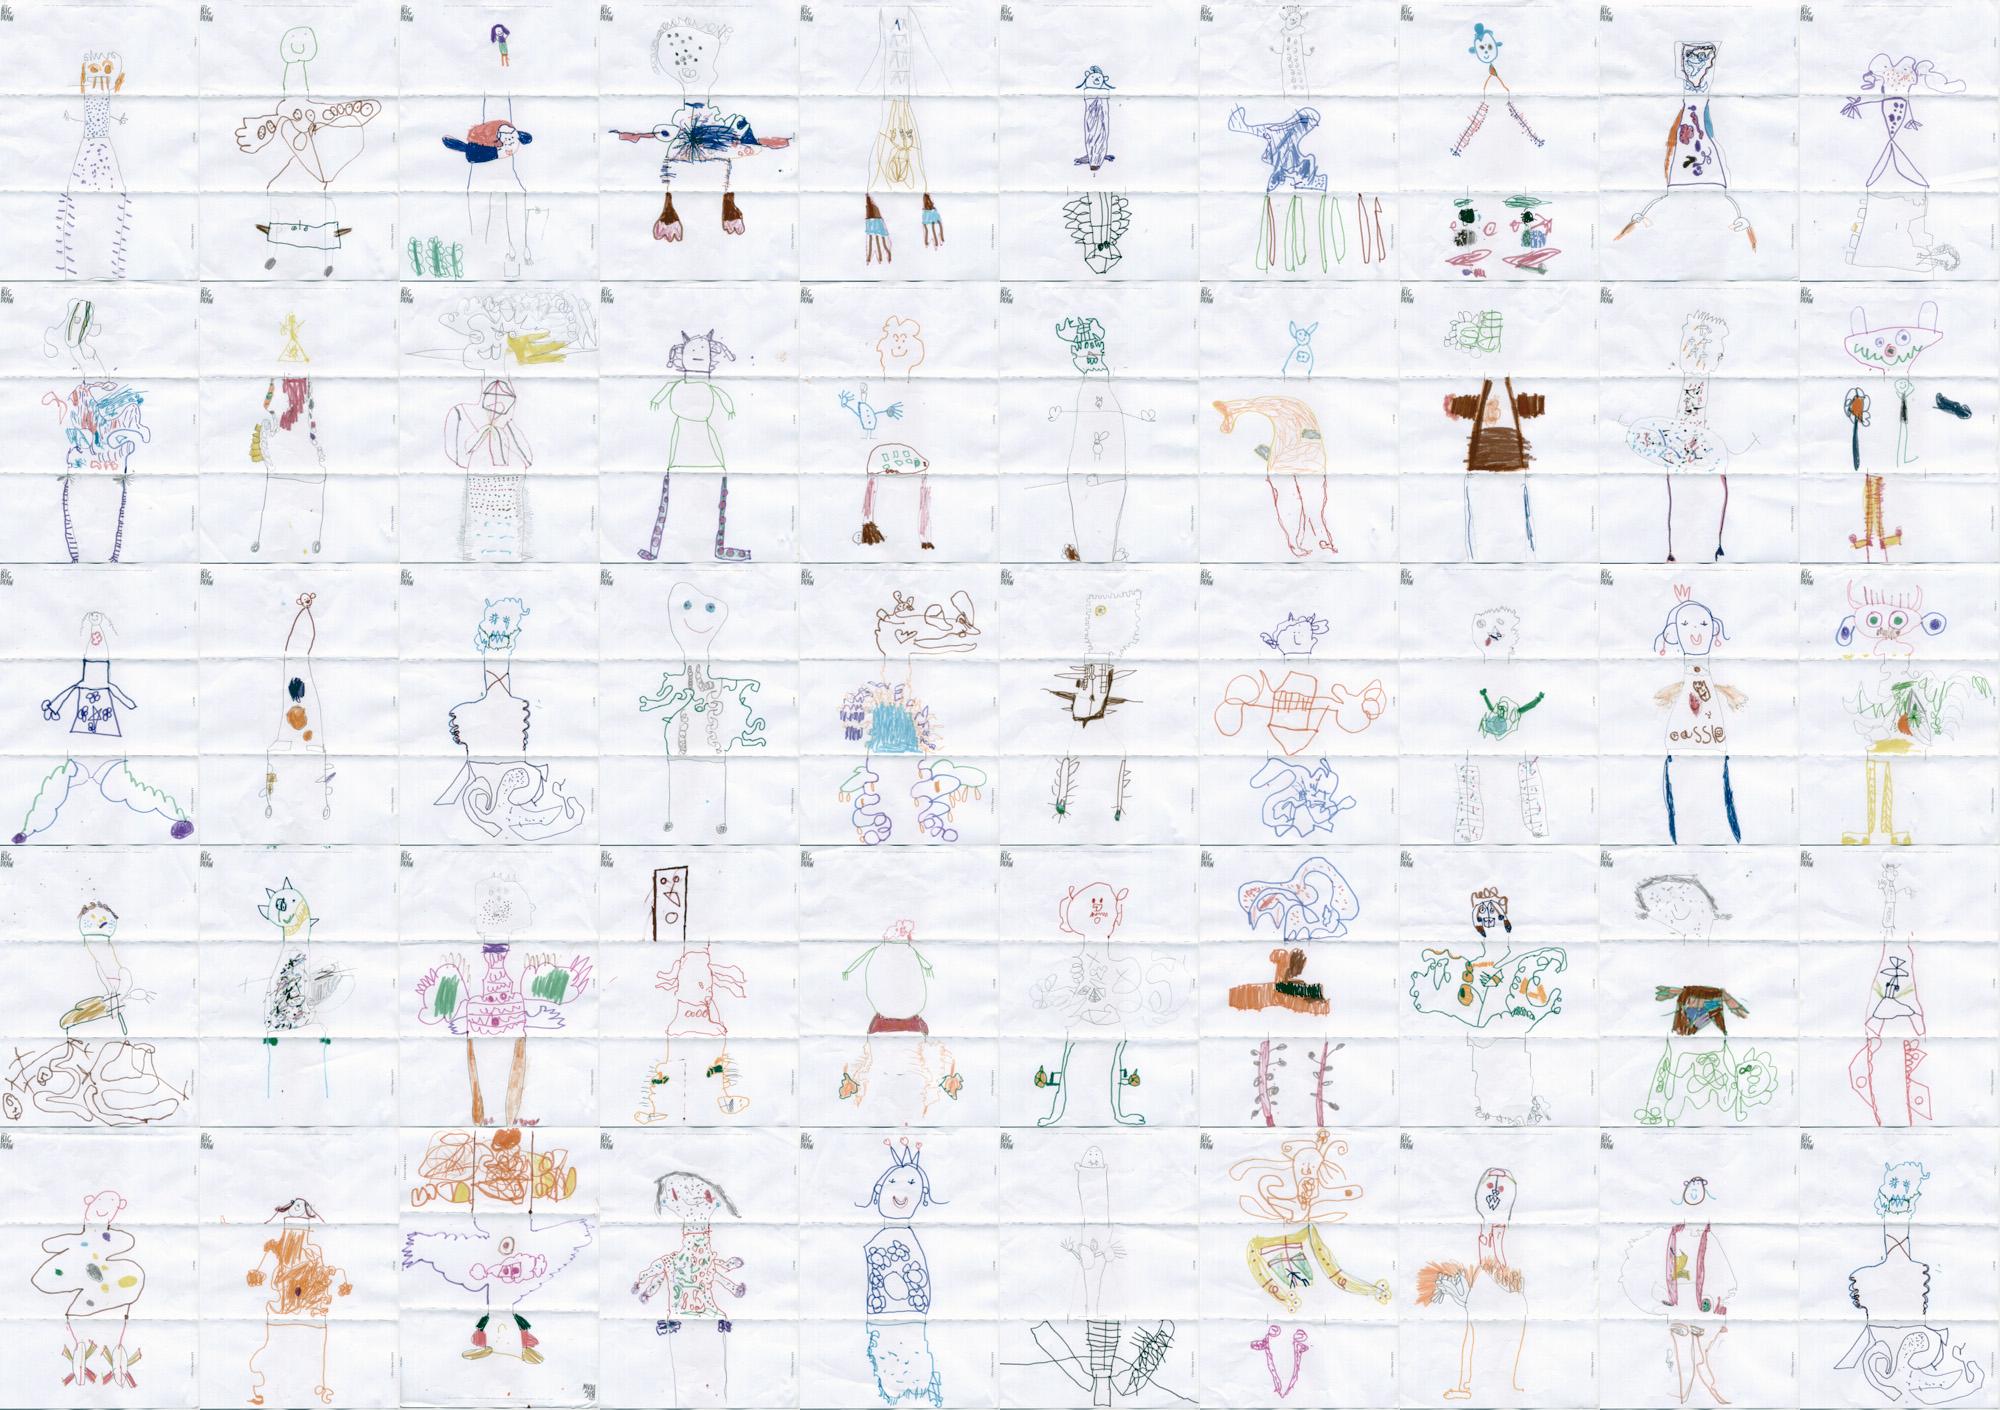 tom-pearman-public-artist-gayhurst-big-draw-scans-1C-LANDSCAPE-GRID